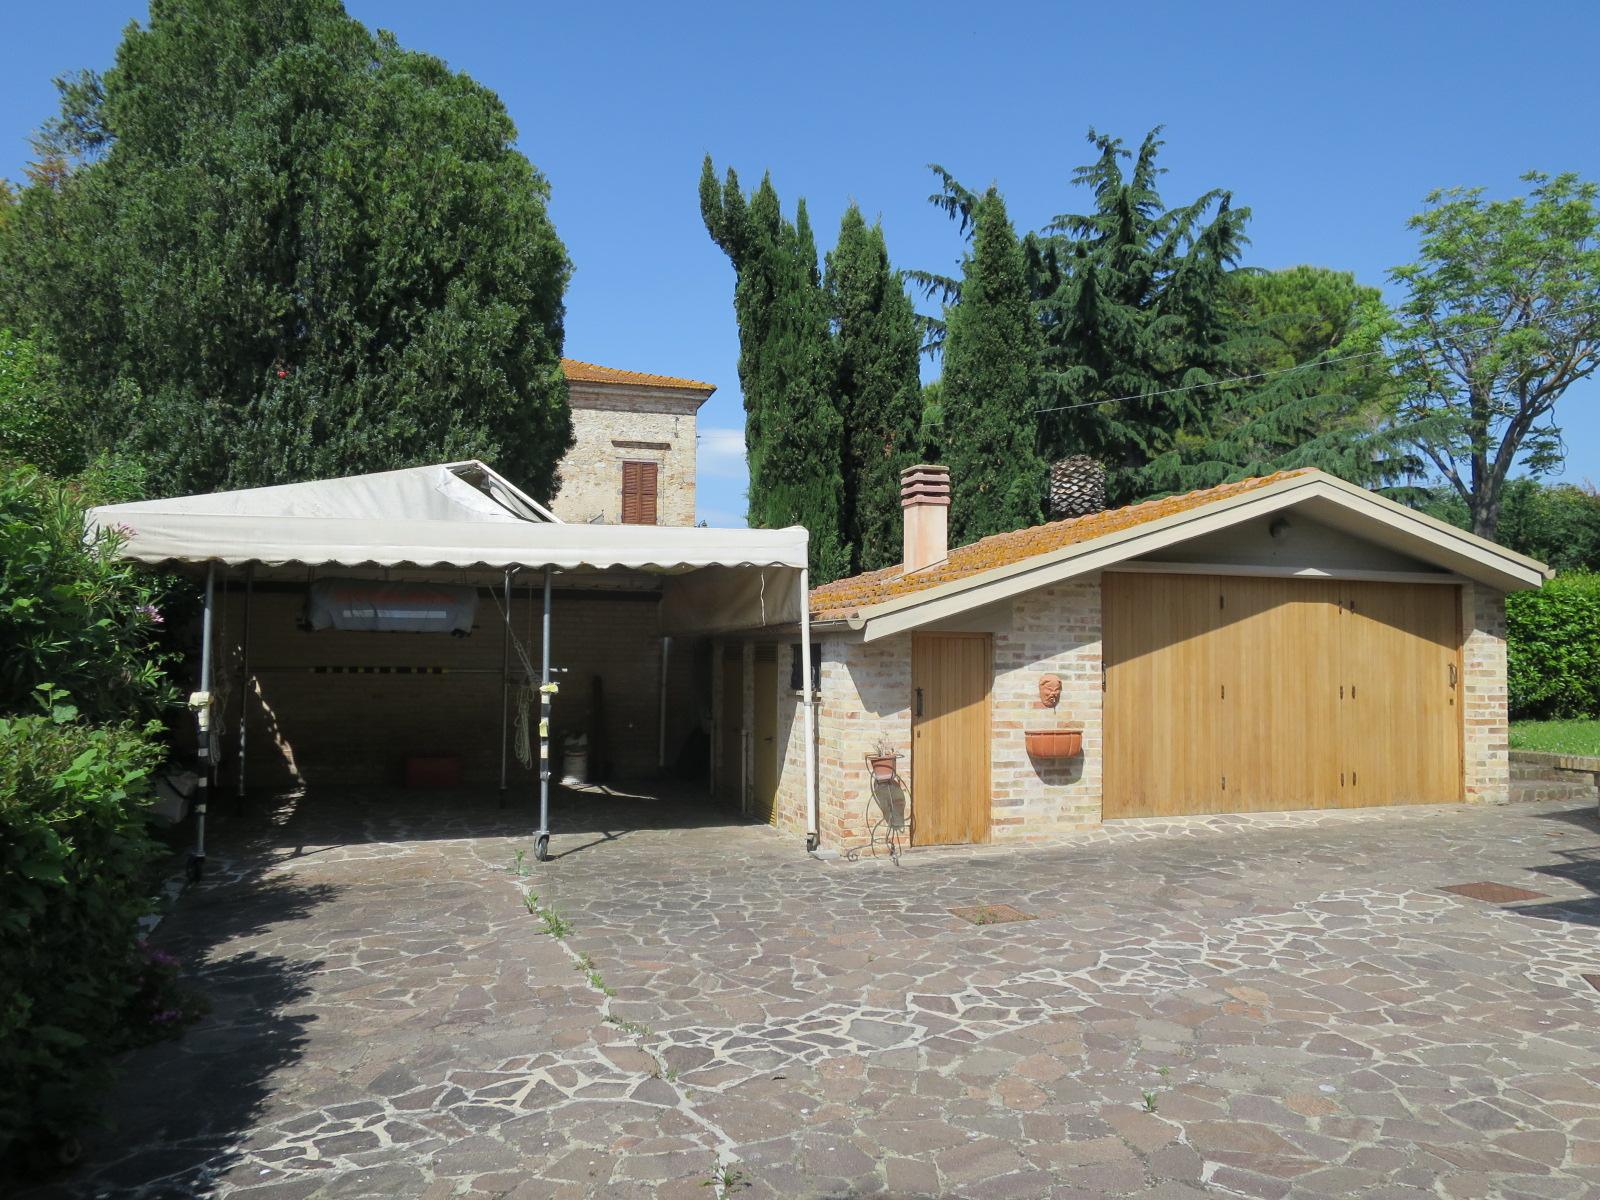 Villa Villa for sale Roseto degli Abruzzi (TE), Villa del Marinaio - Roseto degli Abruzzi - EUR 385.559 410